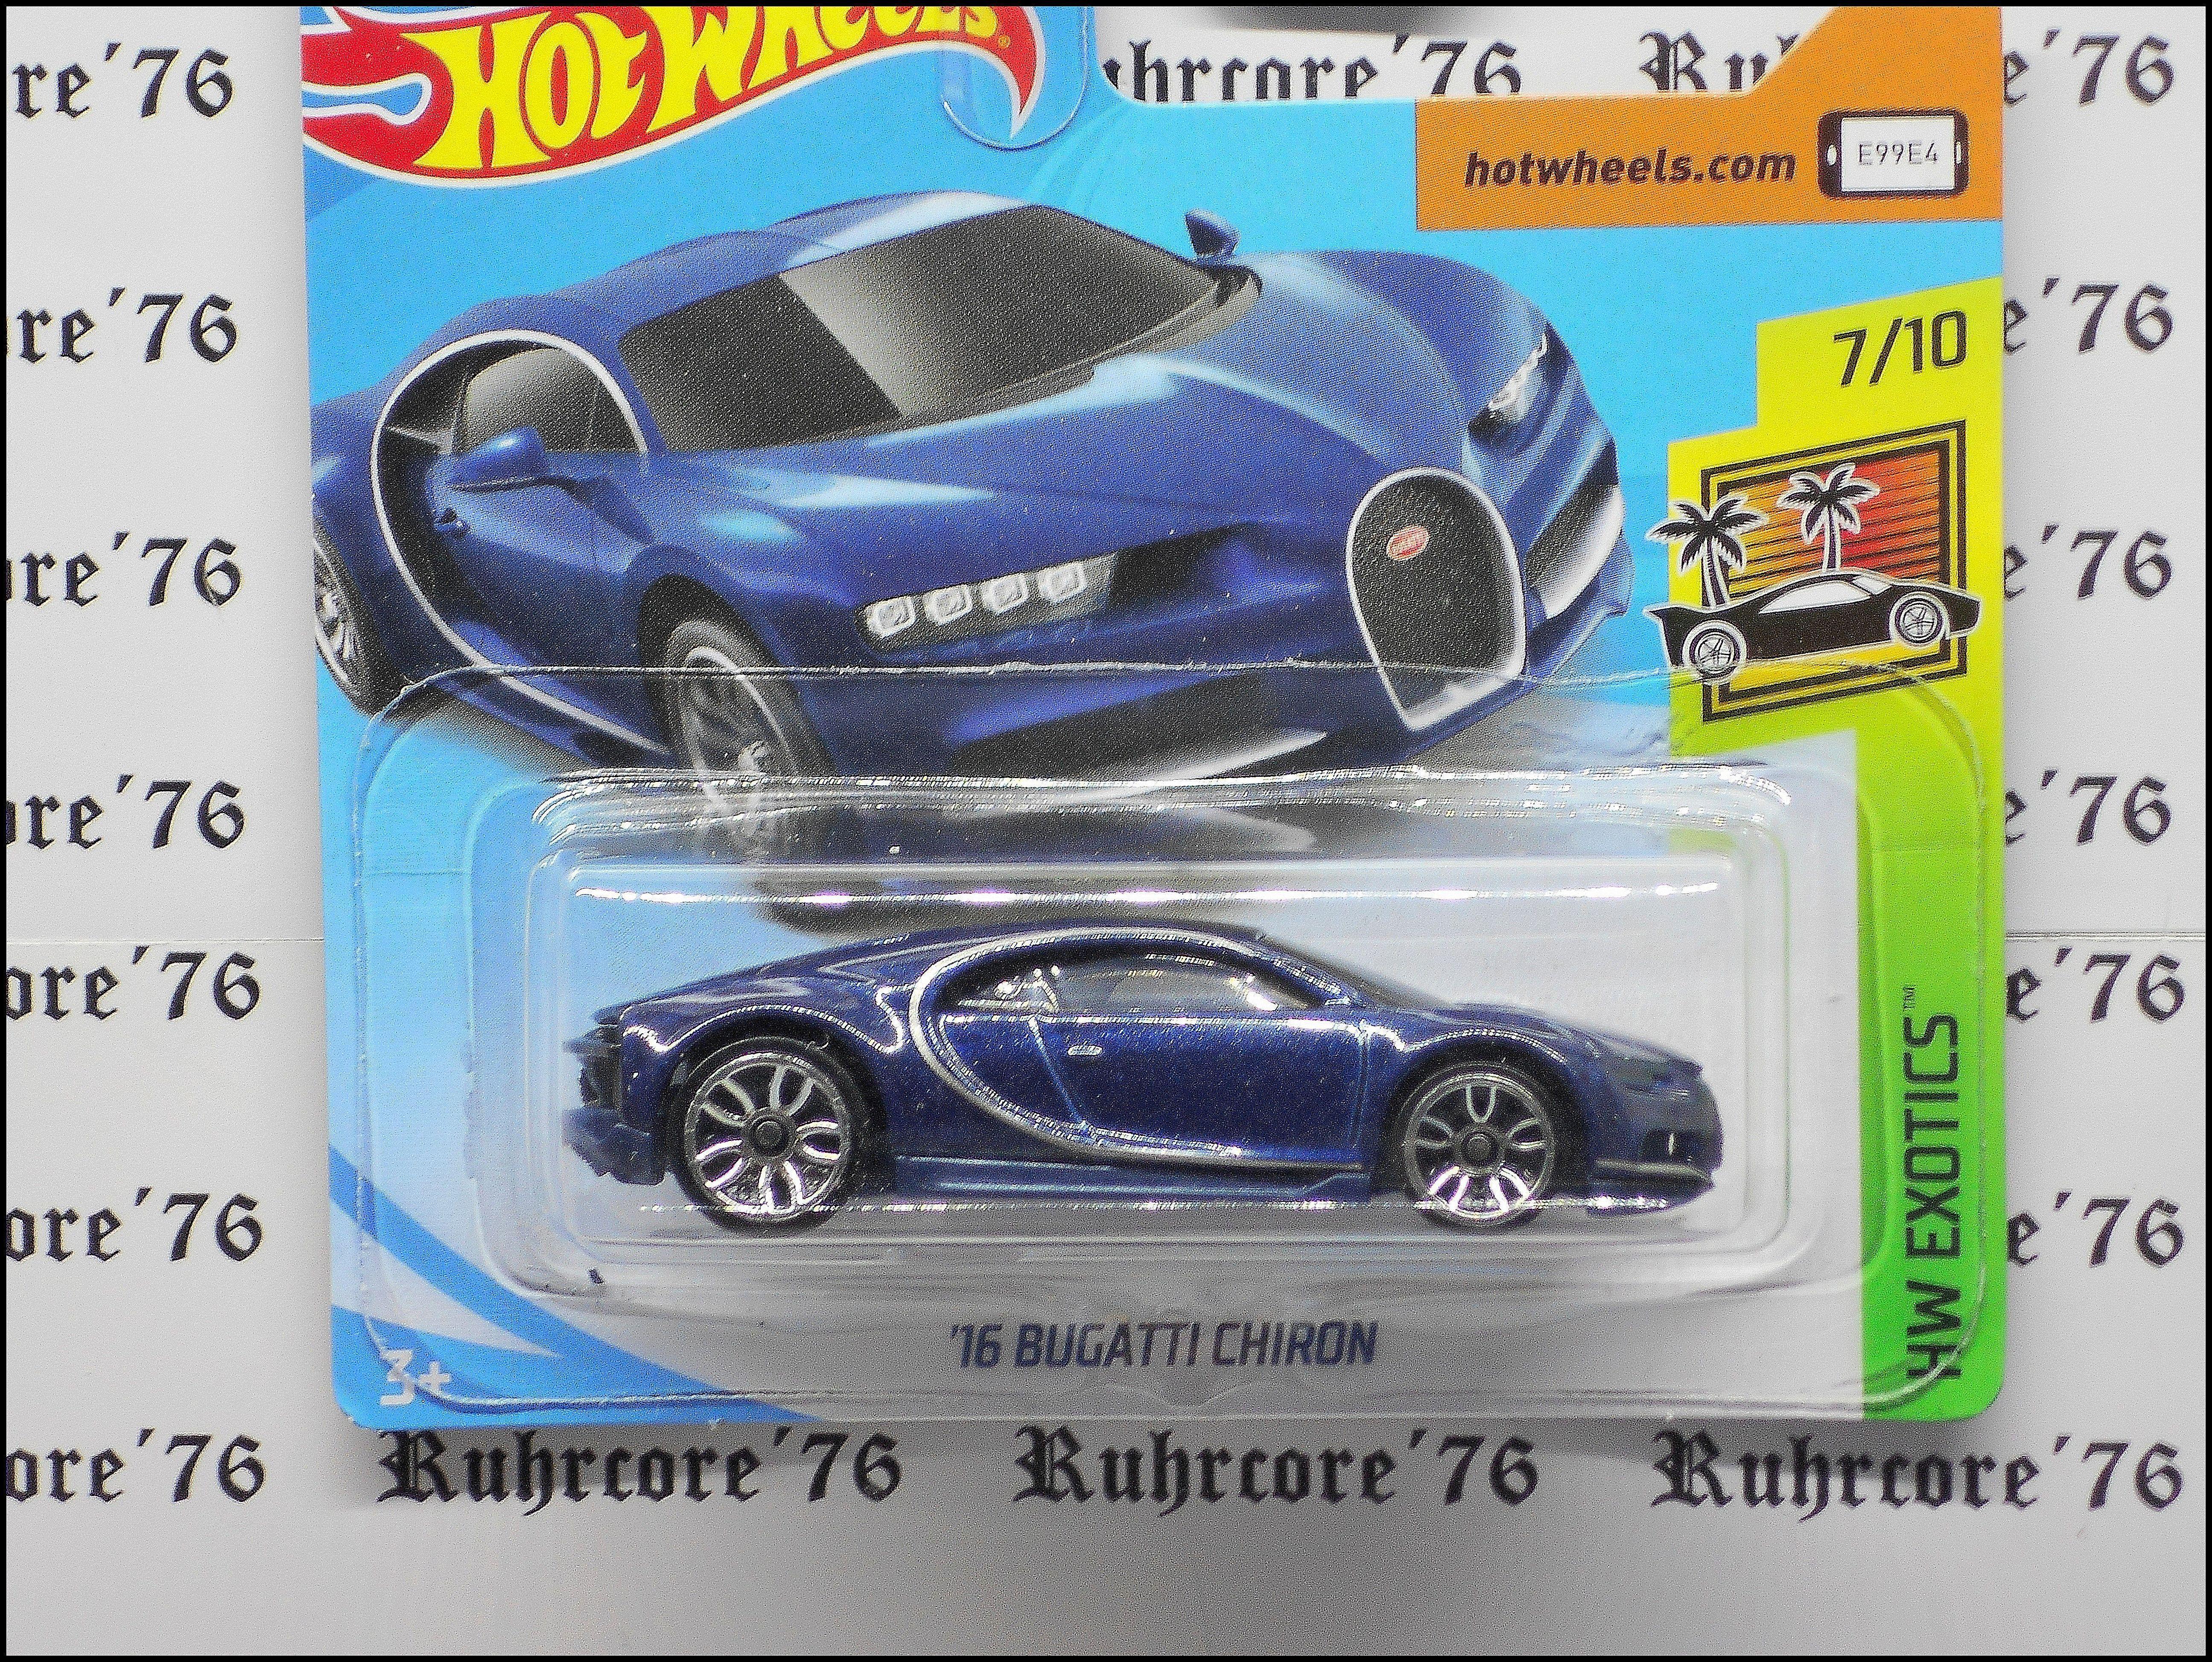 Hot Wheels Bugatti Chiron 2016 Bugattichiron Hot Wheels Bugatti Chiron 2016 Bugattichiron Hot Wheels Bugatti Chiron 2016 Bugattichiron Hot Wheels Bugat 2020